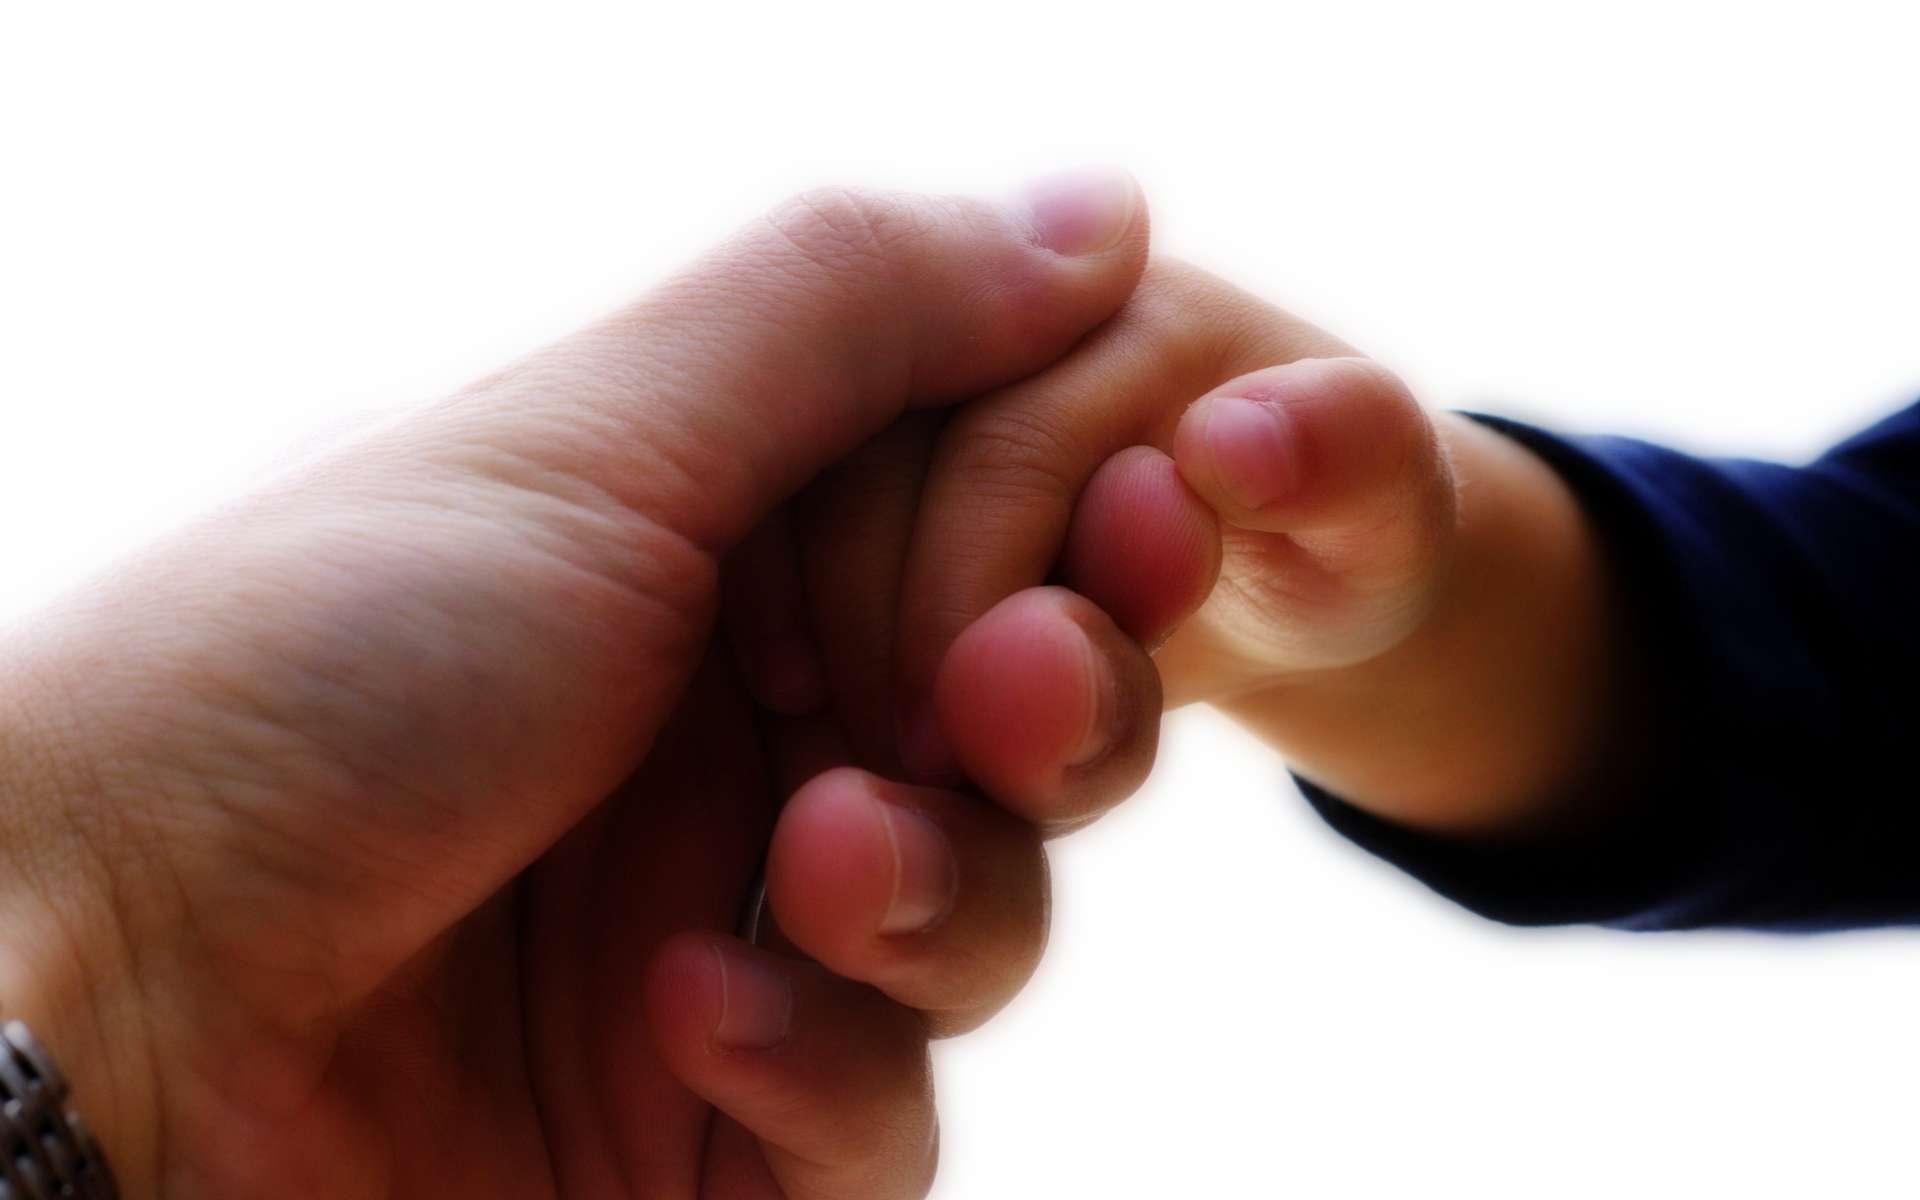 L'empathie nous pousse à porter secours aux plus faibles. © Jonathan Cohen, Flickr, CC by-nc 2.0